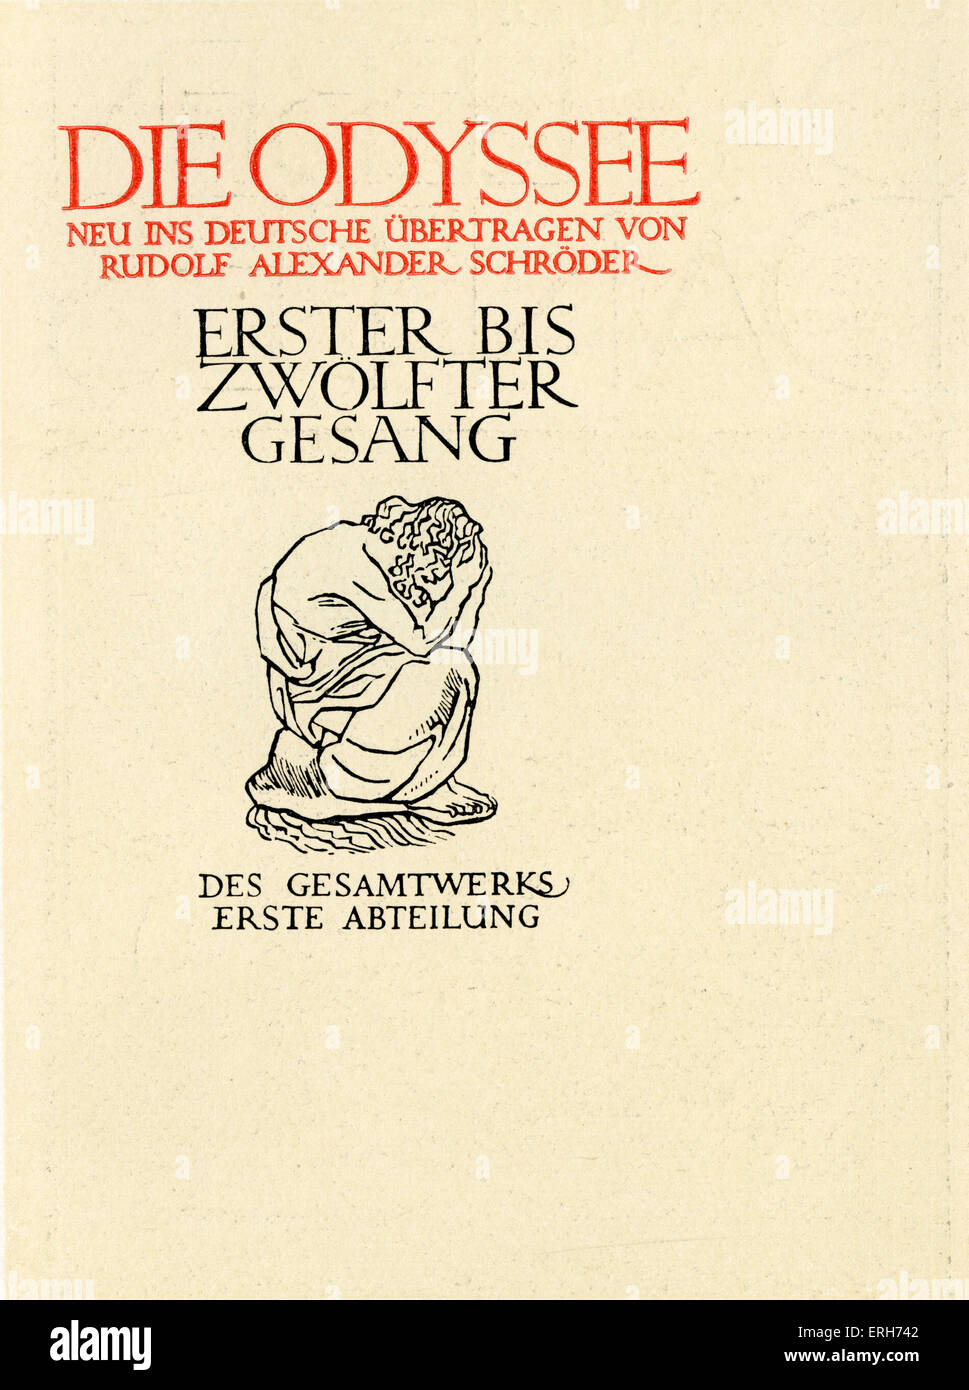 """Die Odyssee Volume I (Odyssey) nuova versione in tedesco da Rudolf Alexander Schröder. """"Erster bis zwolfter Immagini Stock"""